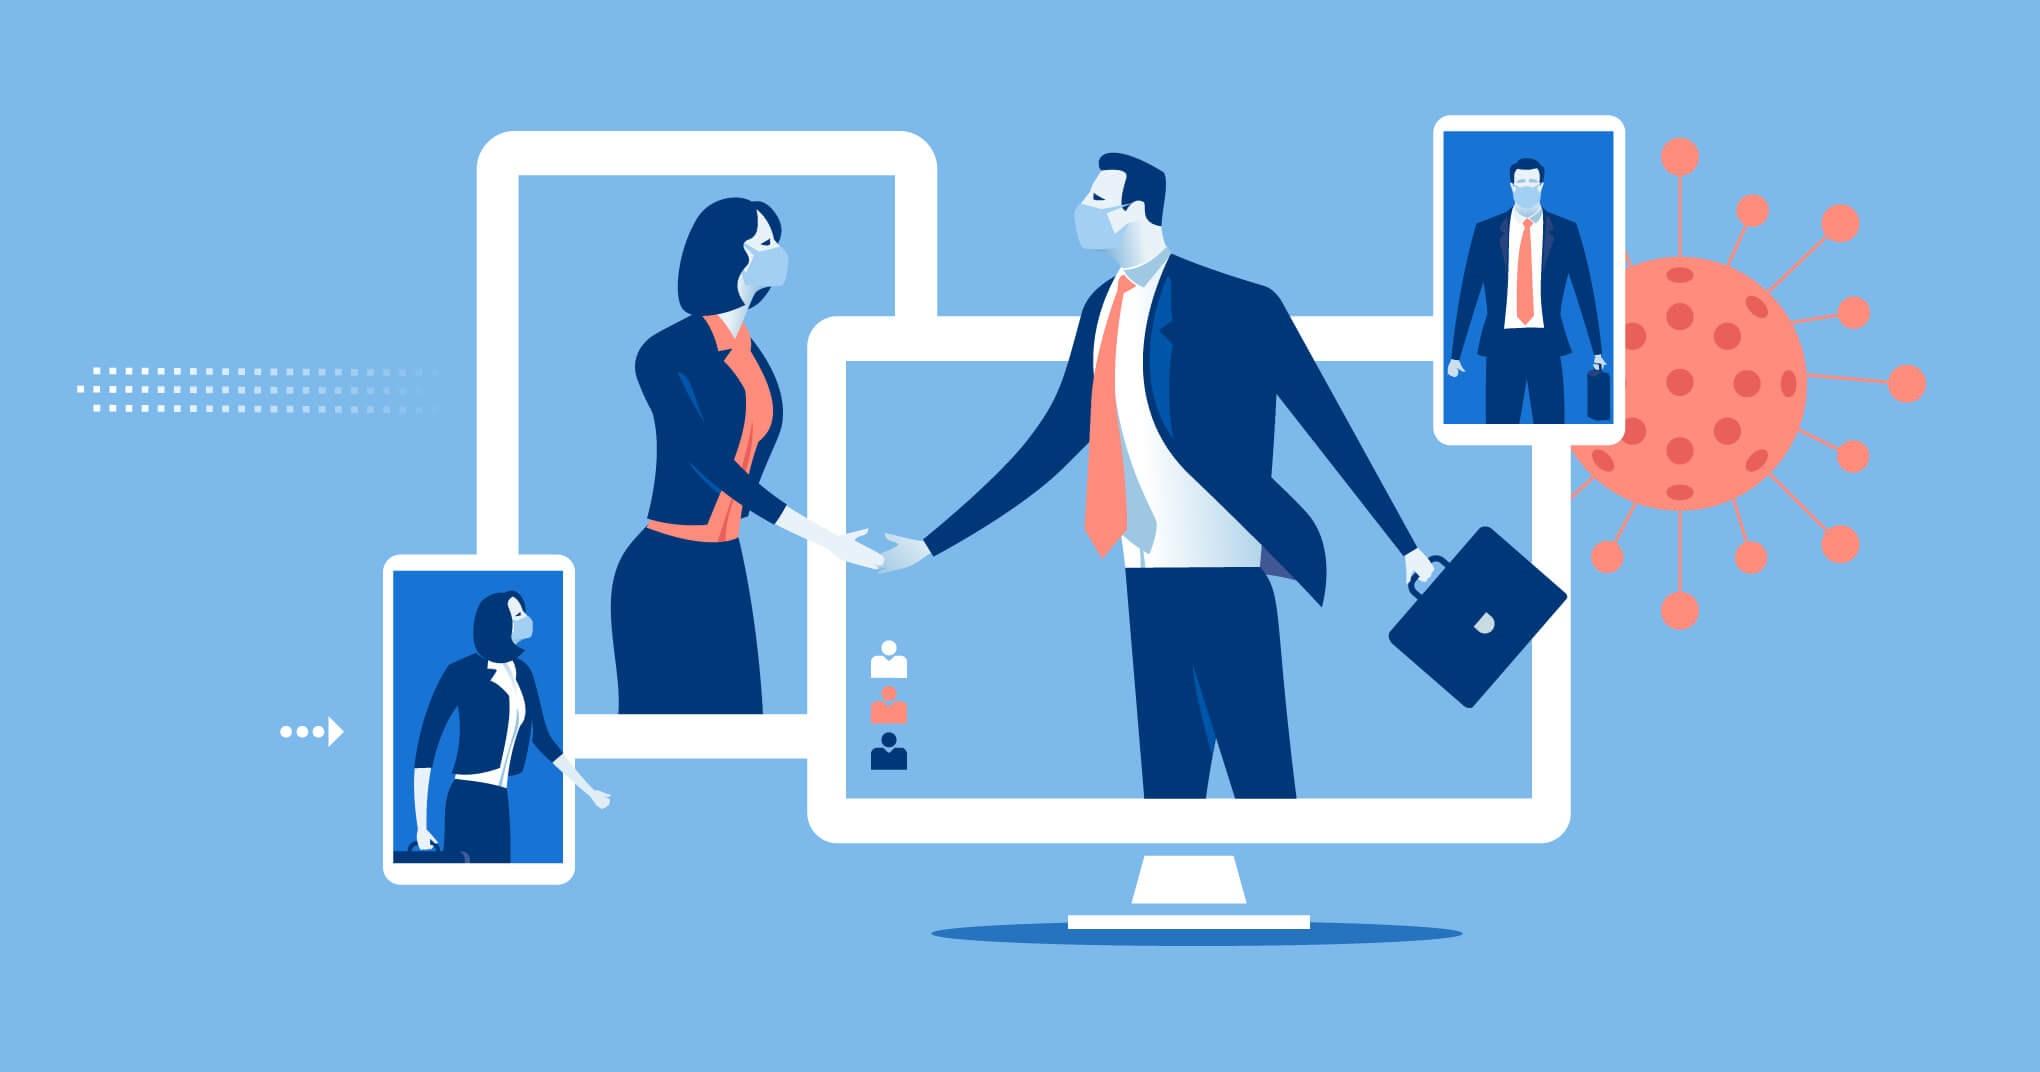 5 xu hướng kinh doanh mới sẽ ảnh hưởng lớn đến ngành Marketing marketingreview.vn 1